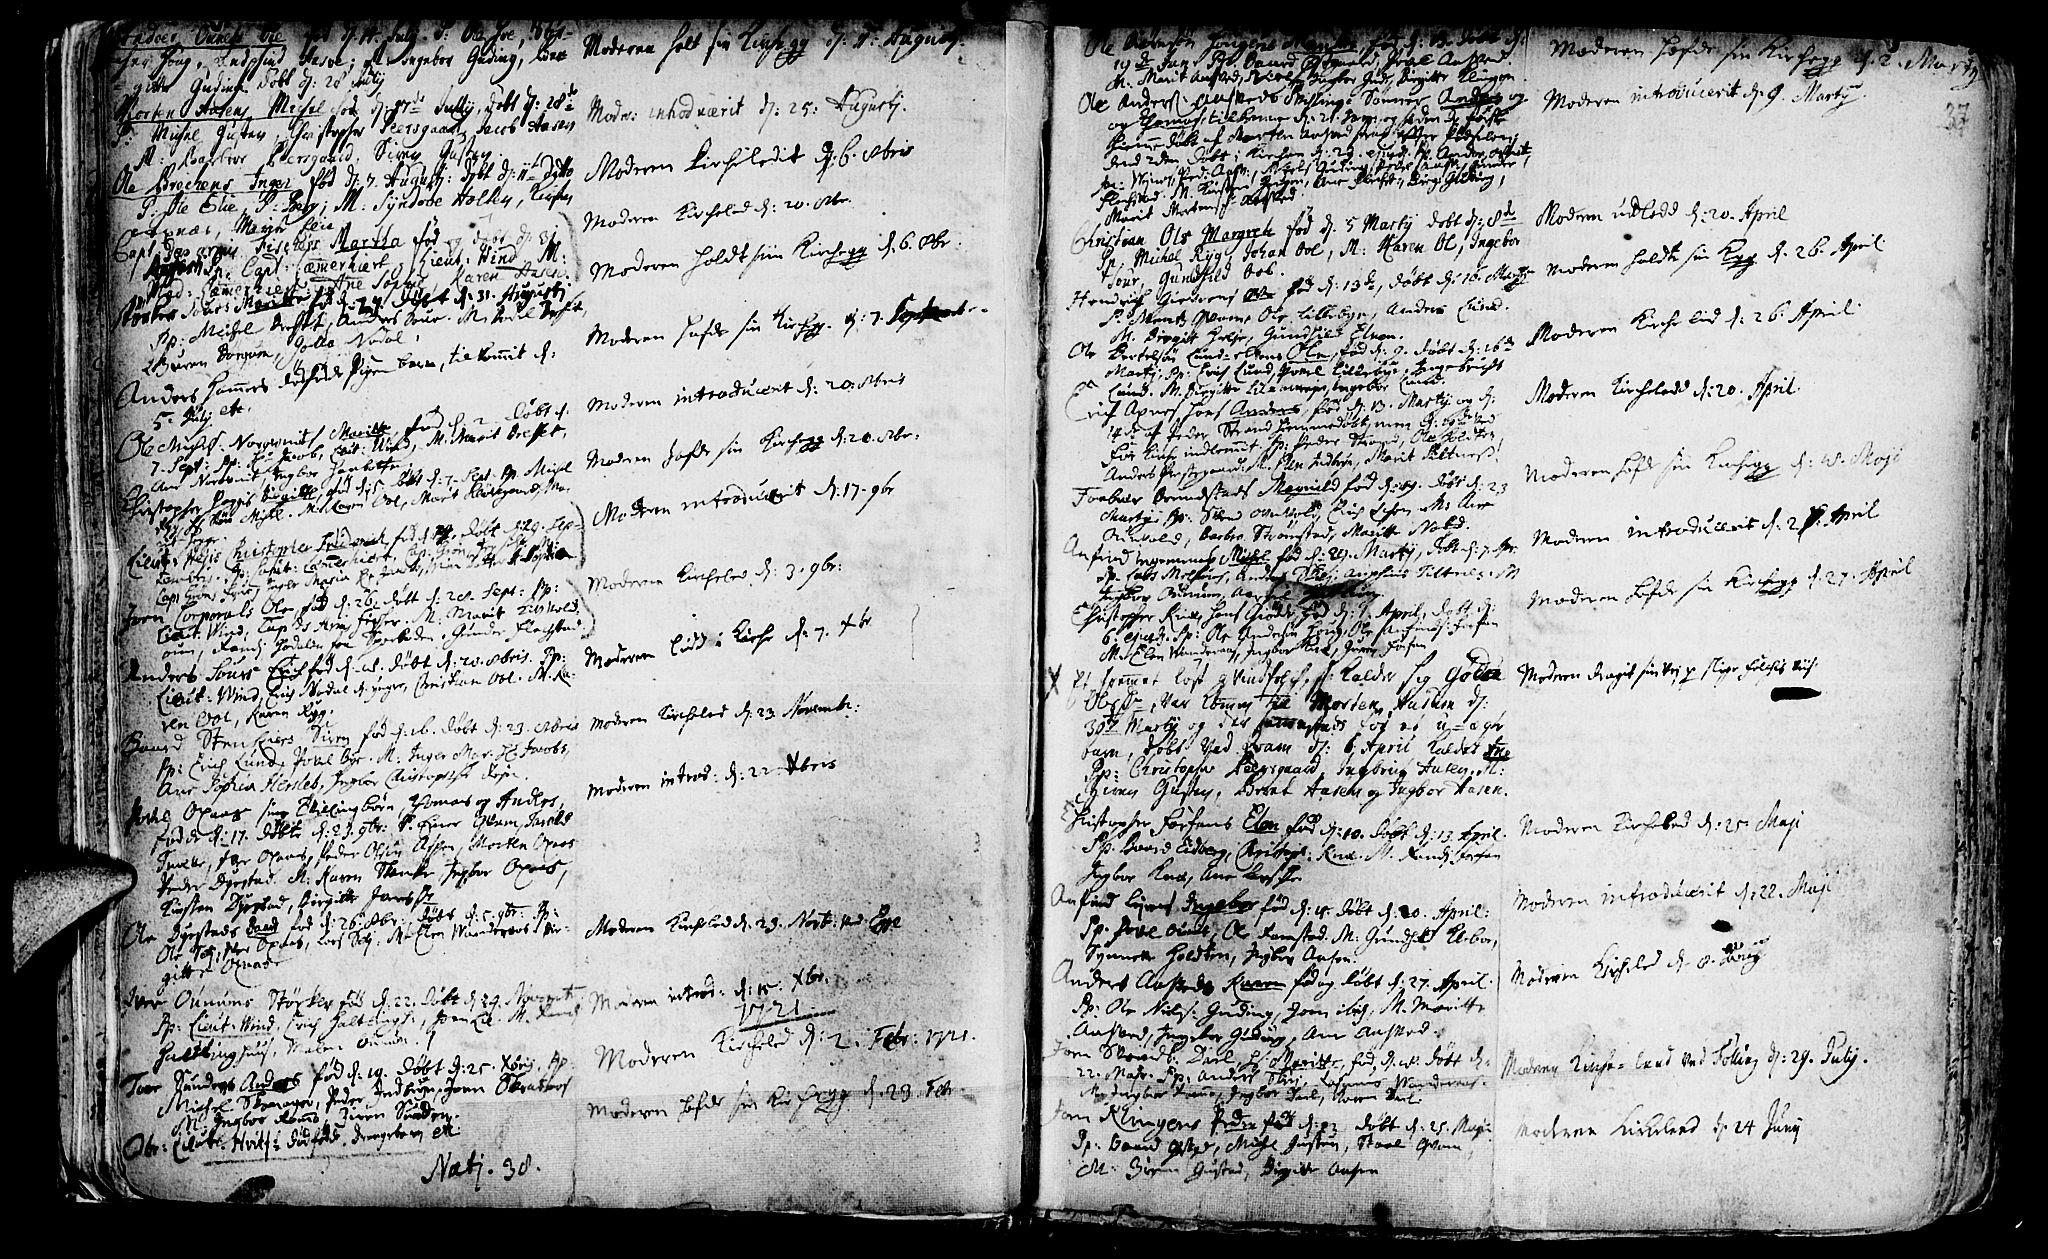 SAT, Ministerialprotokoller, klokkerbøker og fødselsregistre - Nord-Trøndelag, 746/L0439: Ministerialbok nr. 746A01, 1688-1759, s. 37